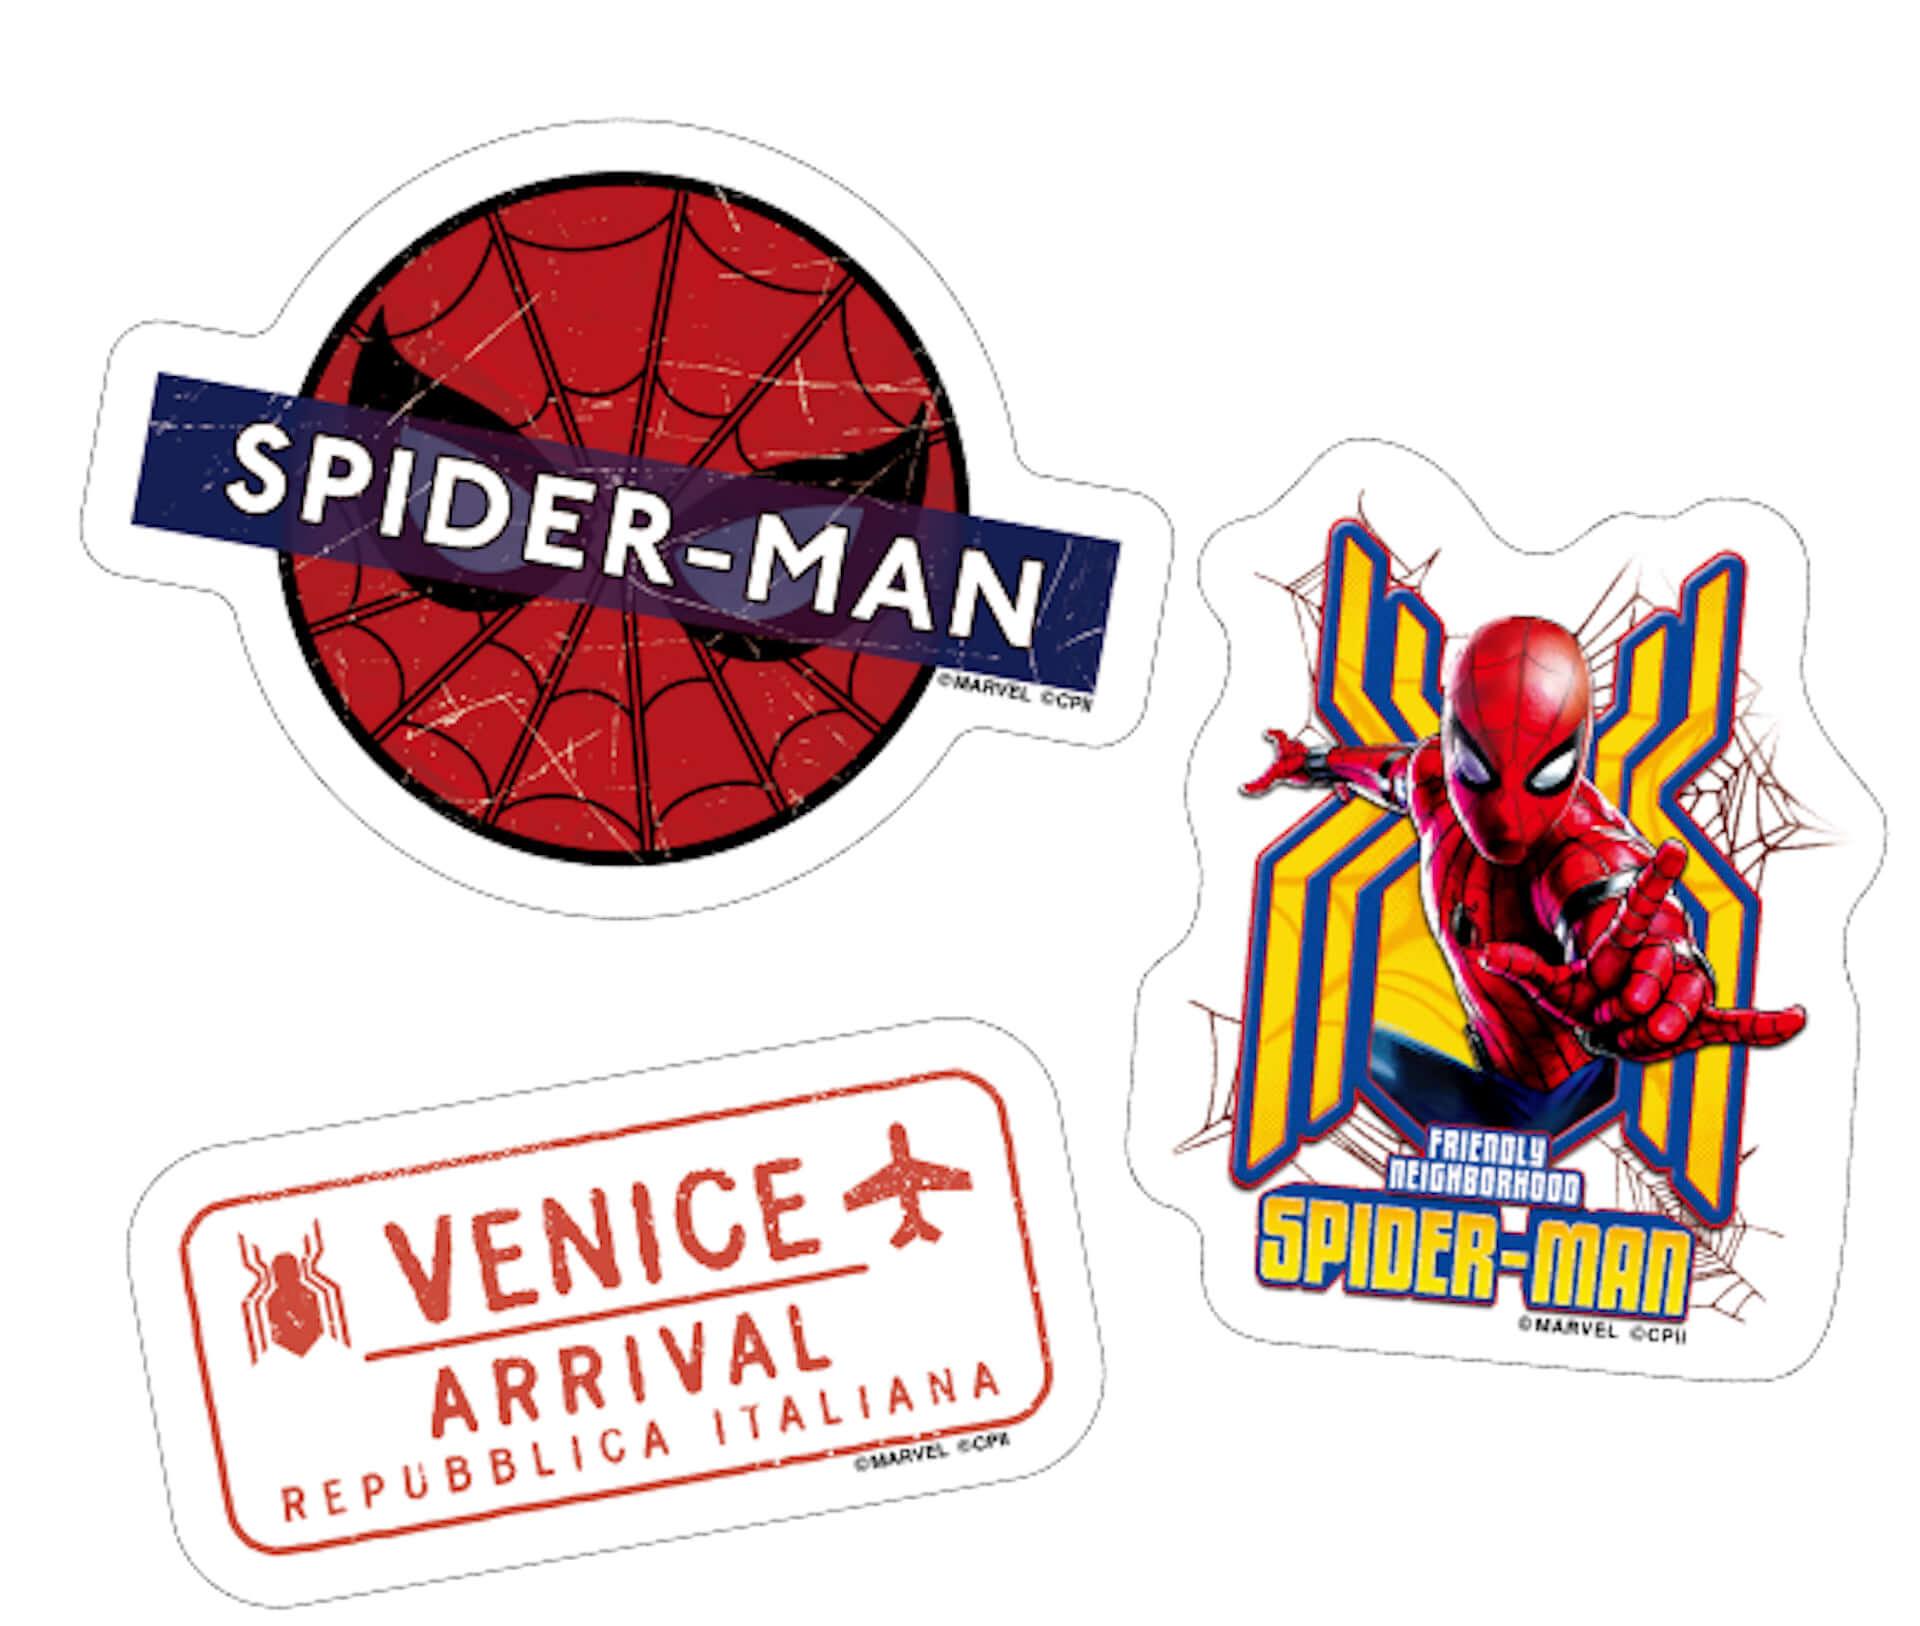 映画「スパイダーマン」最新作の超レアグッズが当たる!Happyくじ『スパイダーマン:ファー・フロム・ホーム』登場 art190628_spiderman_lot_11-1920x1626